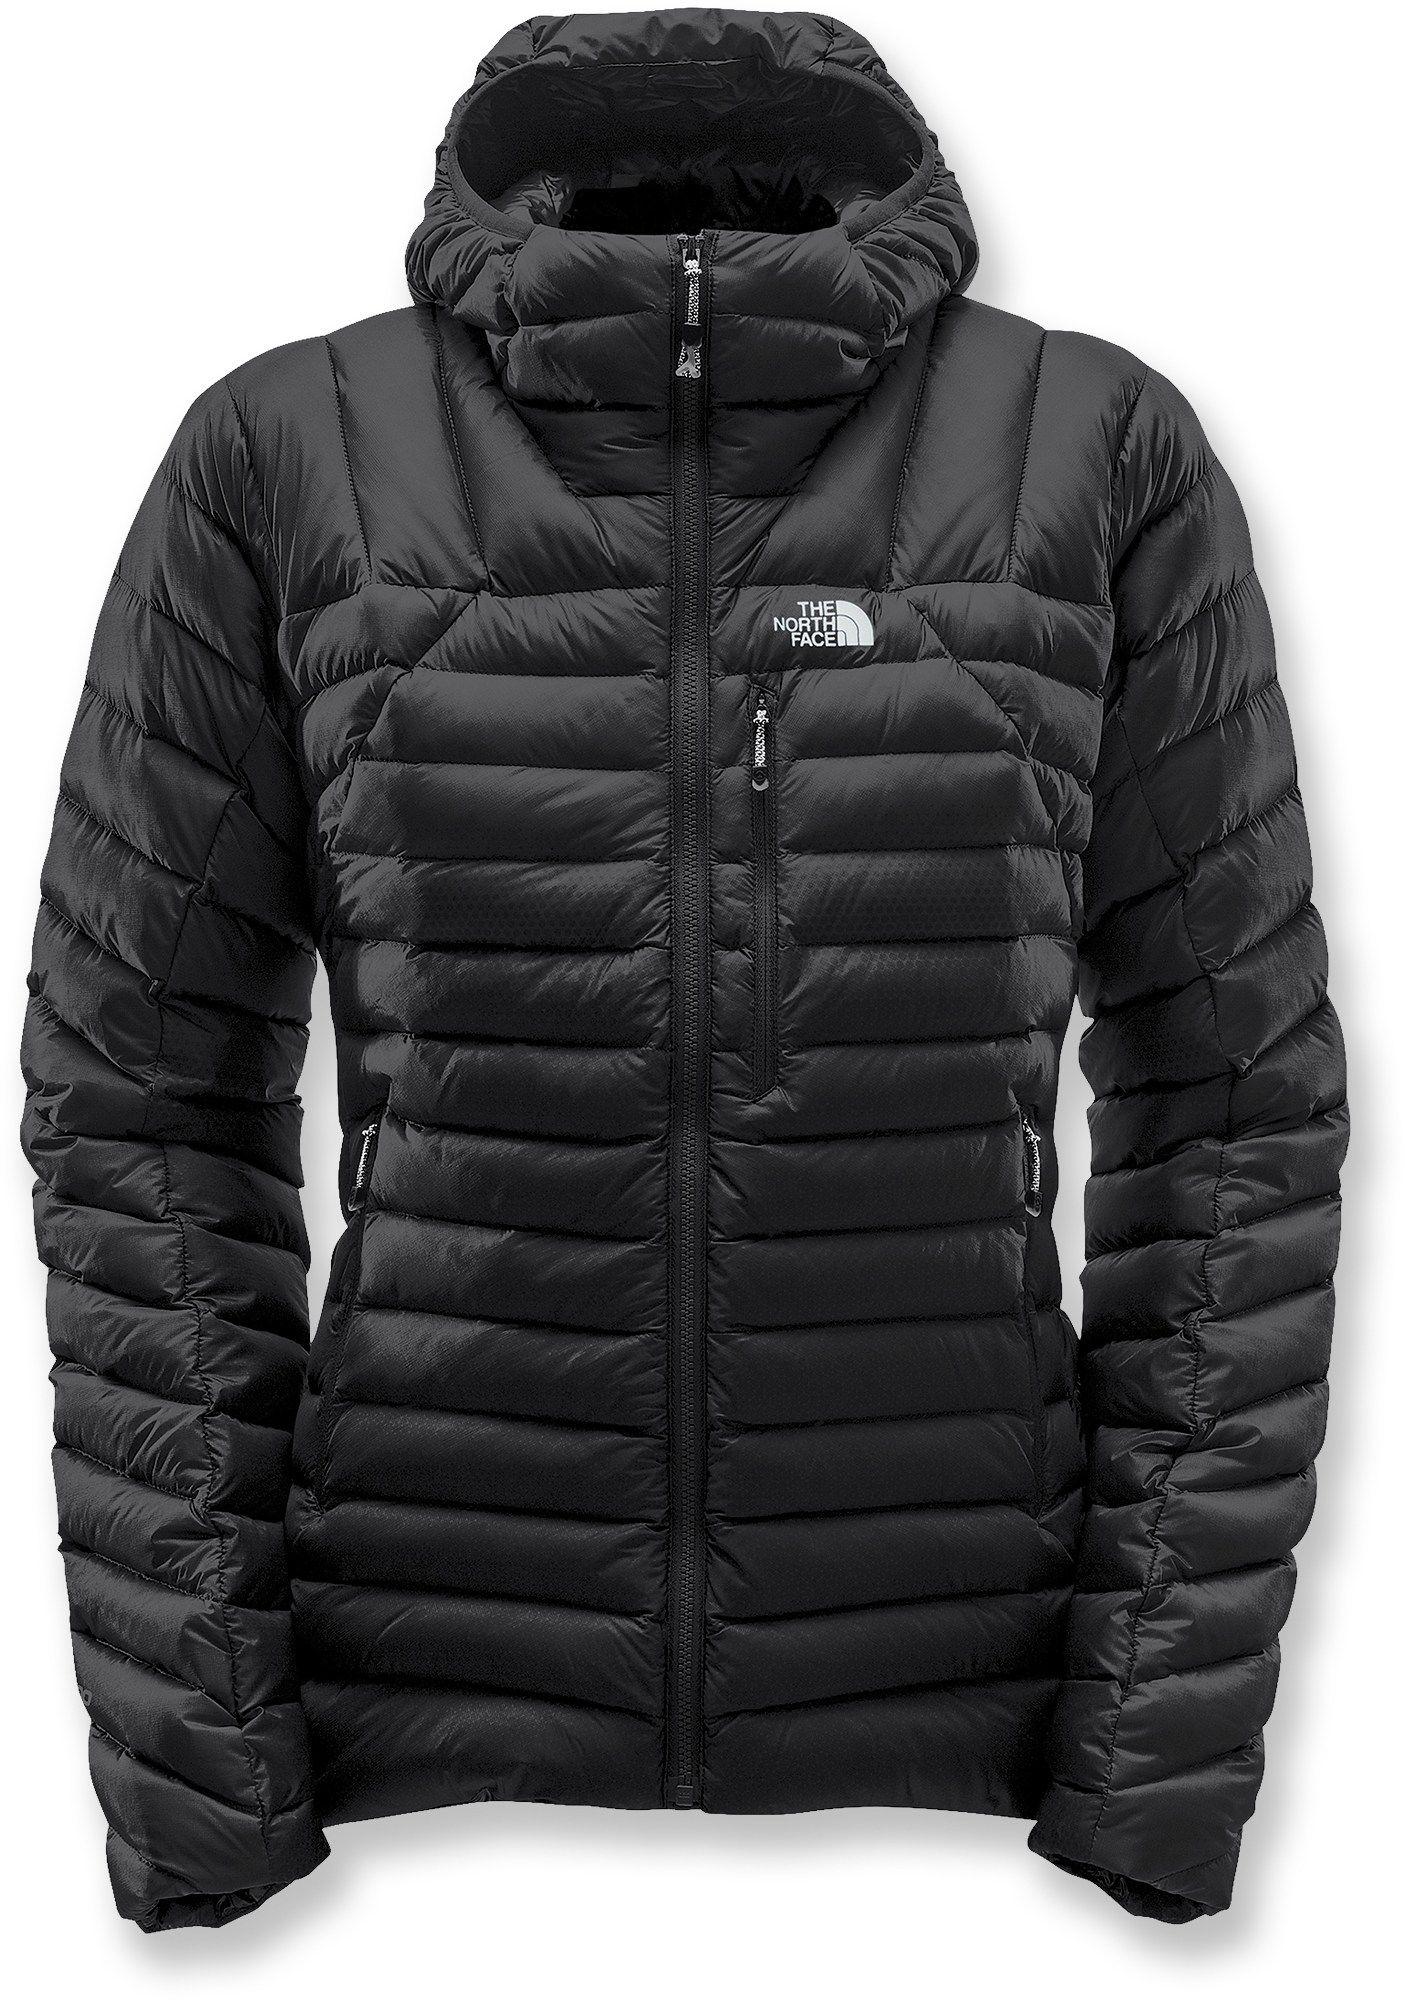 6044b8bf0 Summit L3 Down Jacket - Women's | *Apparel & Accessories* | Jackets ...